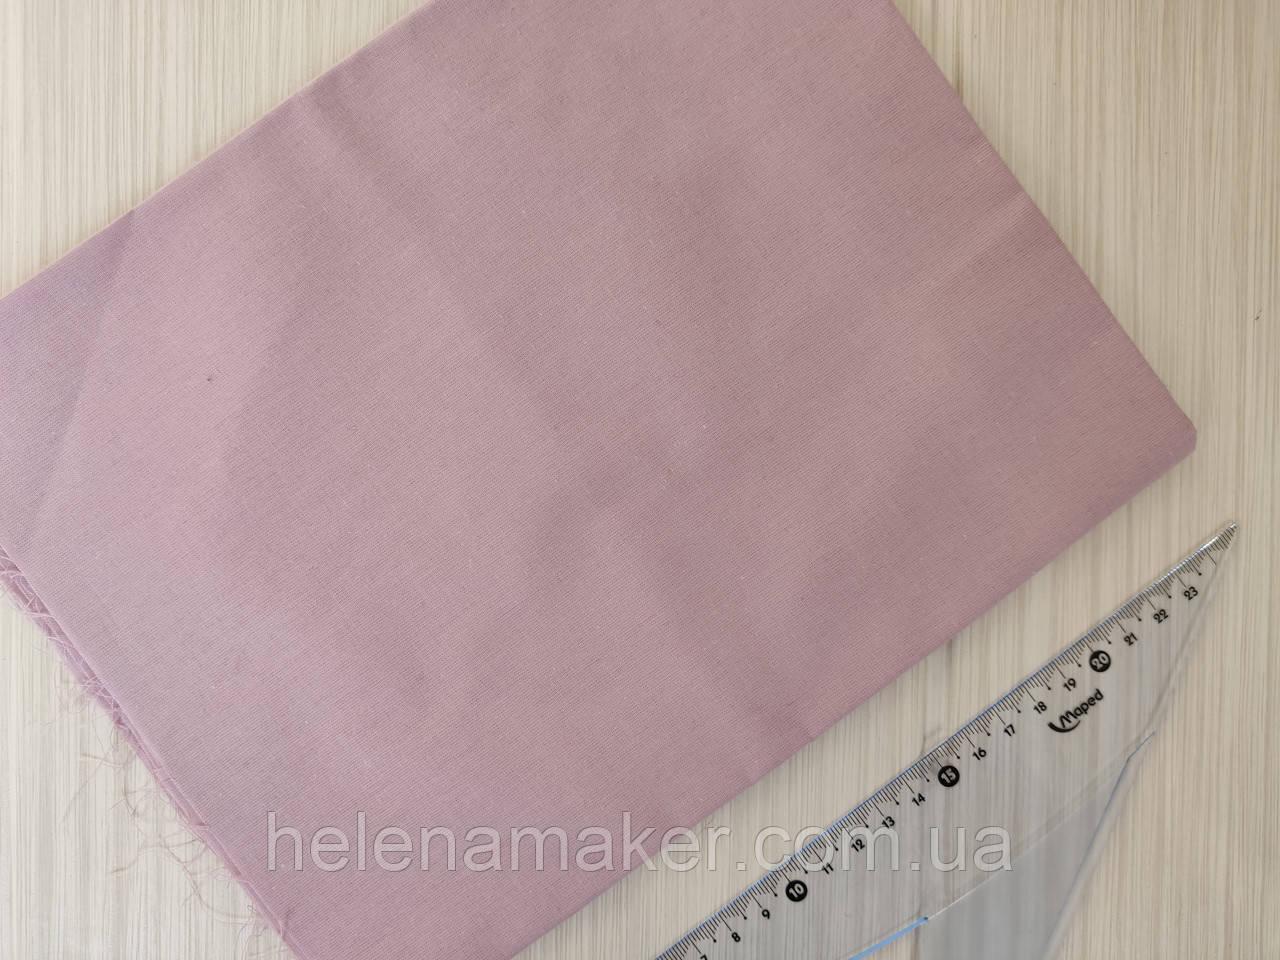 Отрез ткани однотонный Светло-сиреневый. Размер отреза 50*50 см